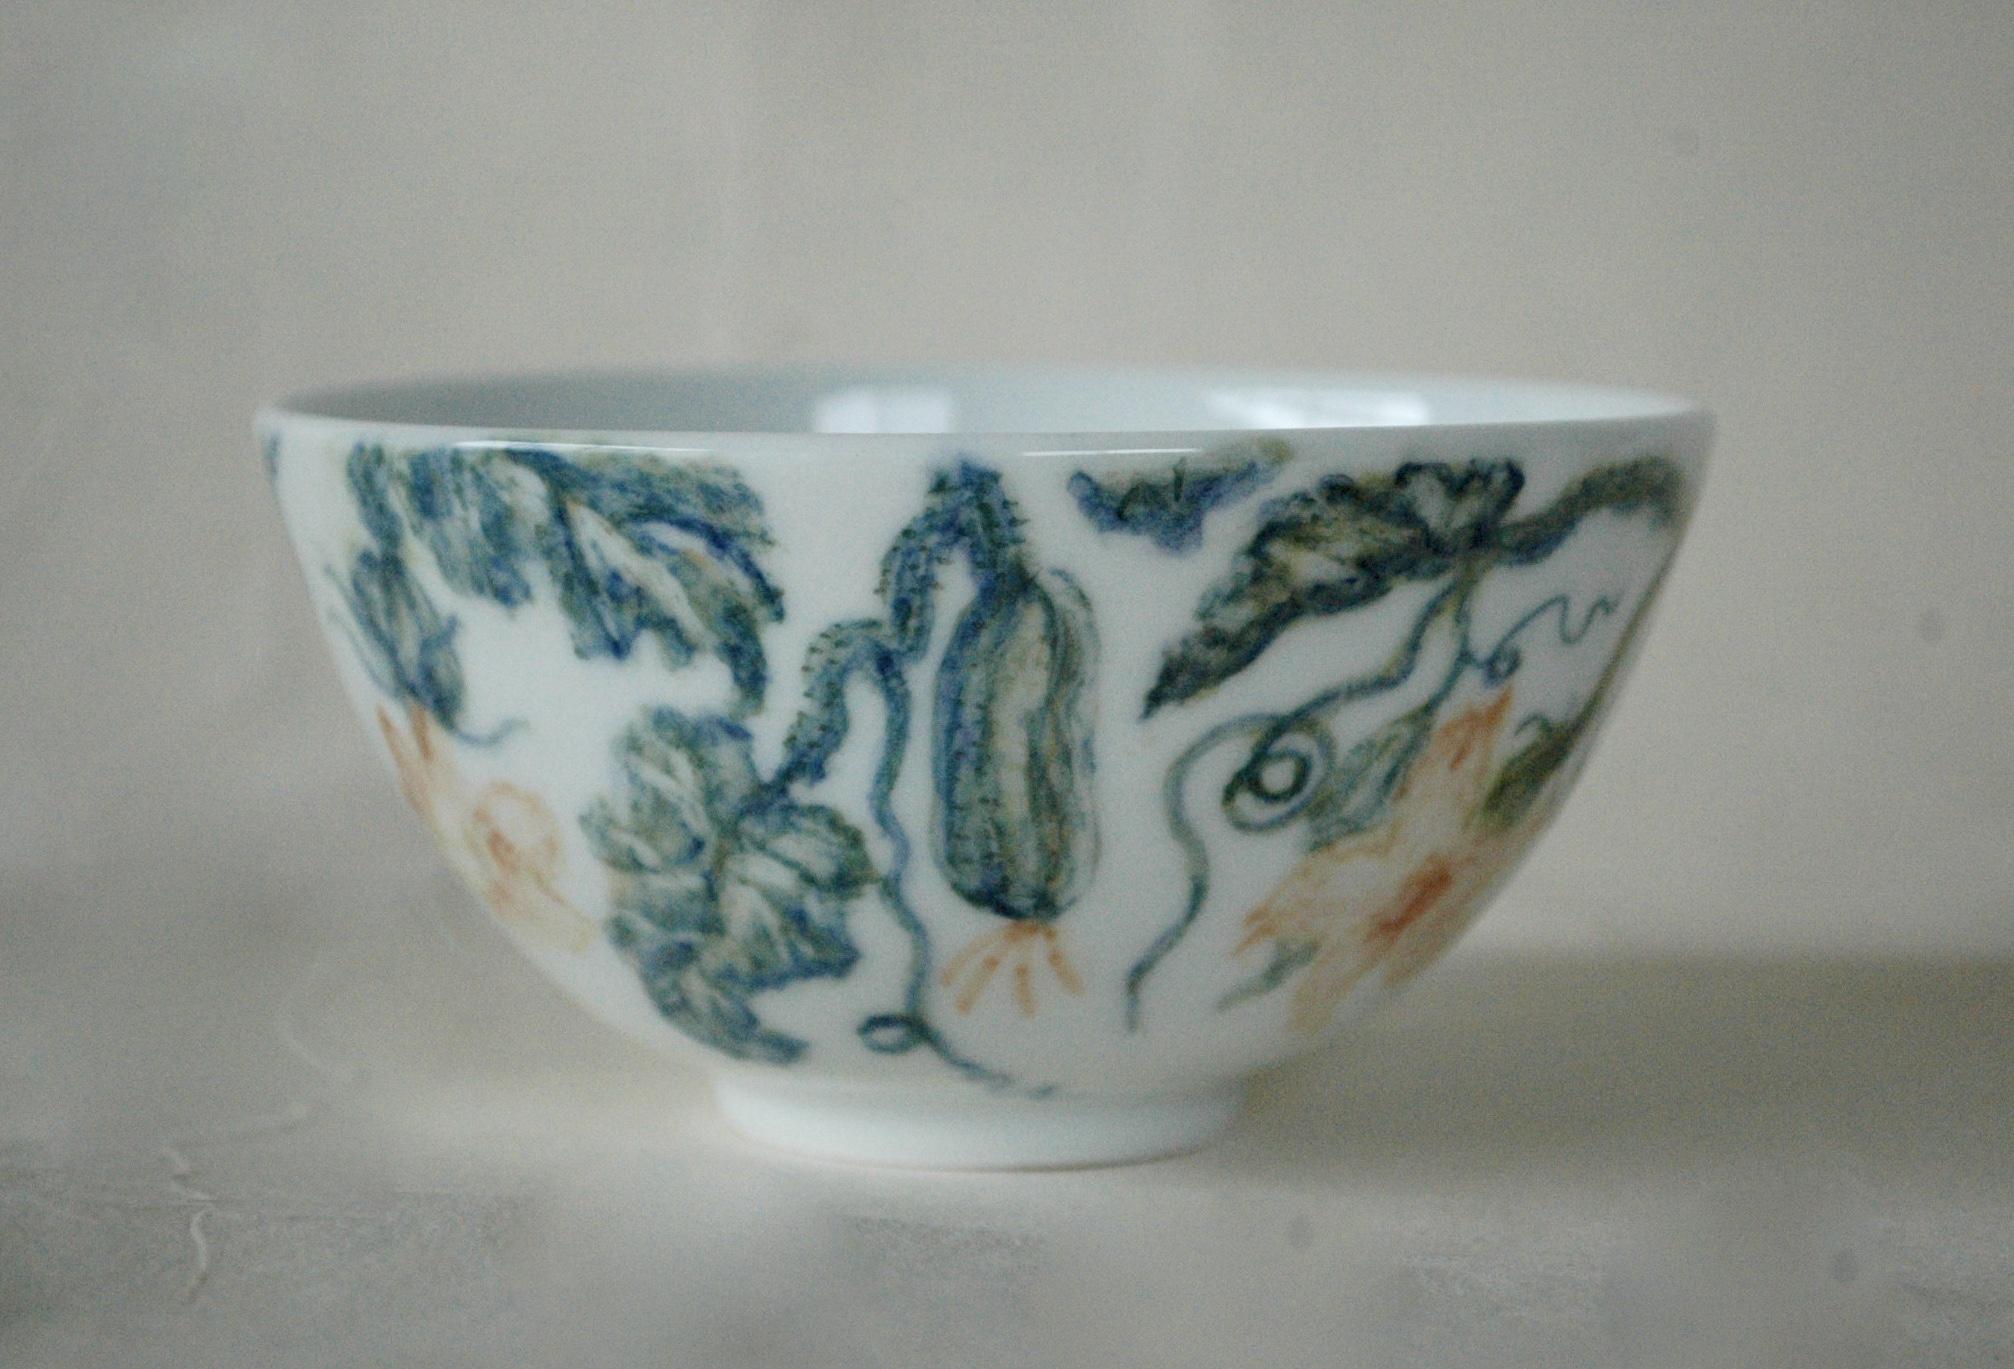 胡瓜の釉下彩碗別角度より